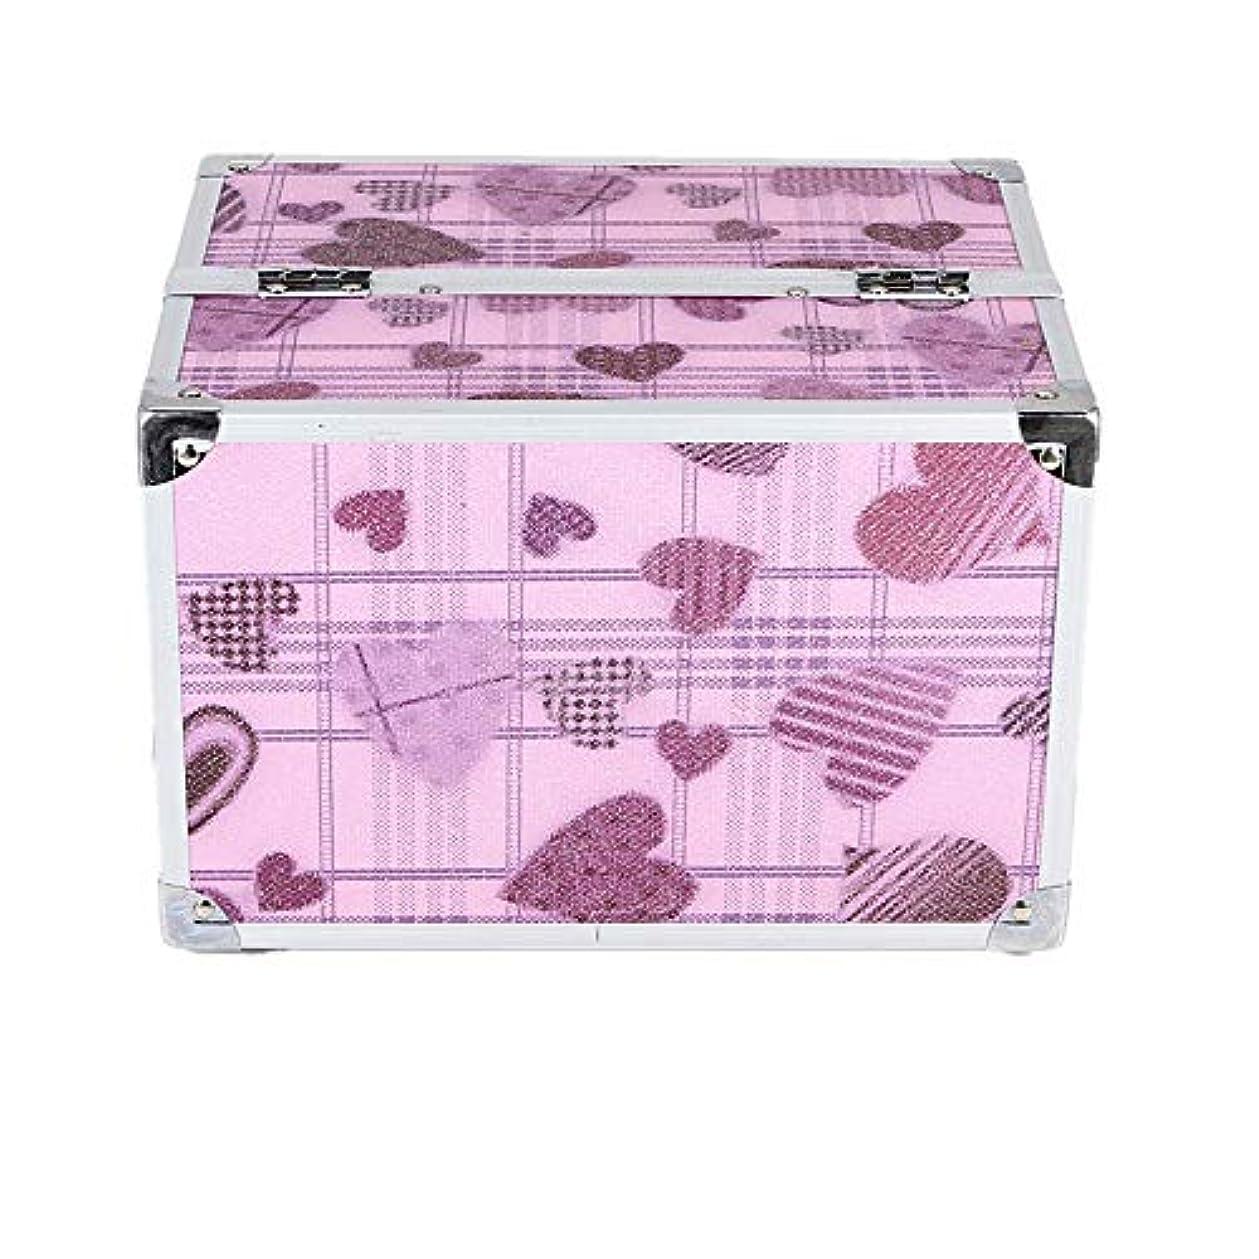 ラウンジメール前述の化粧オーガナイザーバッグ かわいいハートパターントラベルアクセサリーのためのポータブル化粧ケースシャンプーボディウォッシュパーソナルアイテム収納トレイ 化粧品ケース